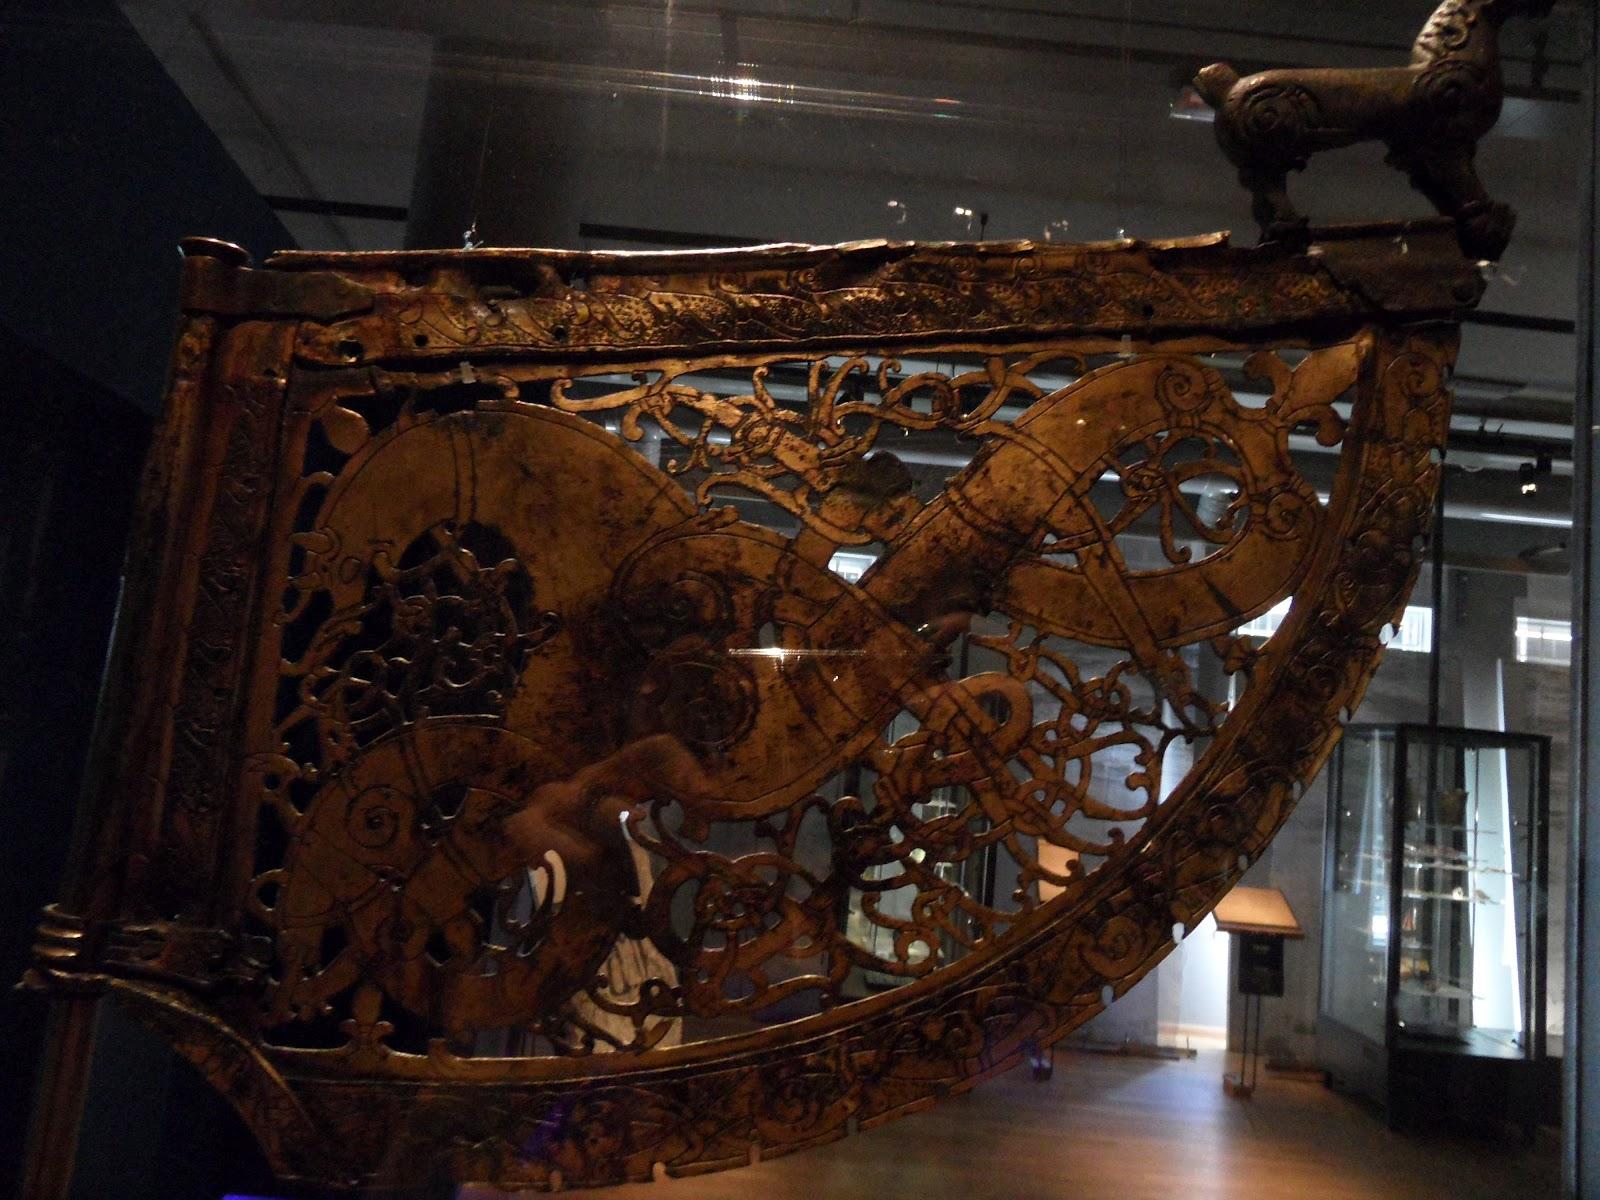 Viking Clothing Artifacts In seeing viking artifactsViking Religious Artifacts